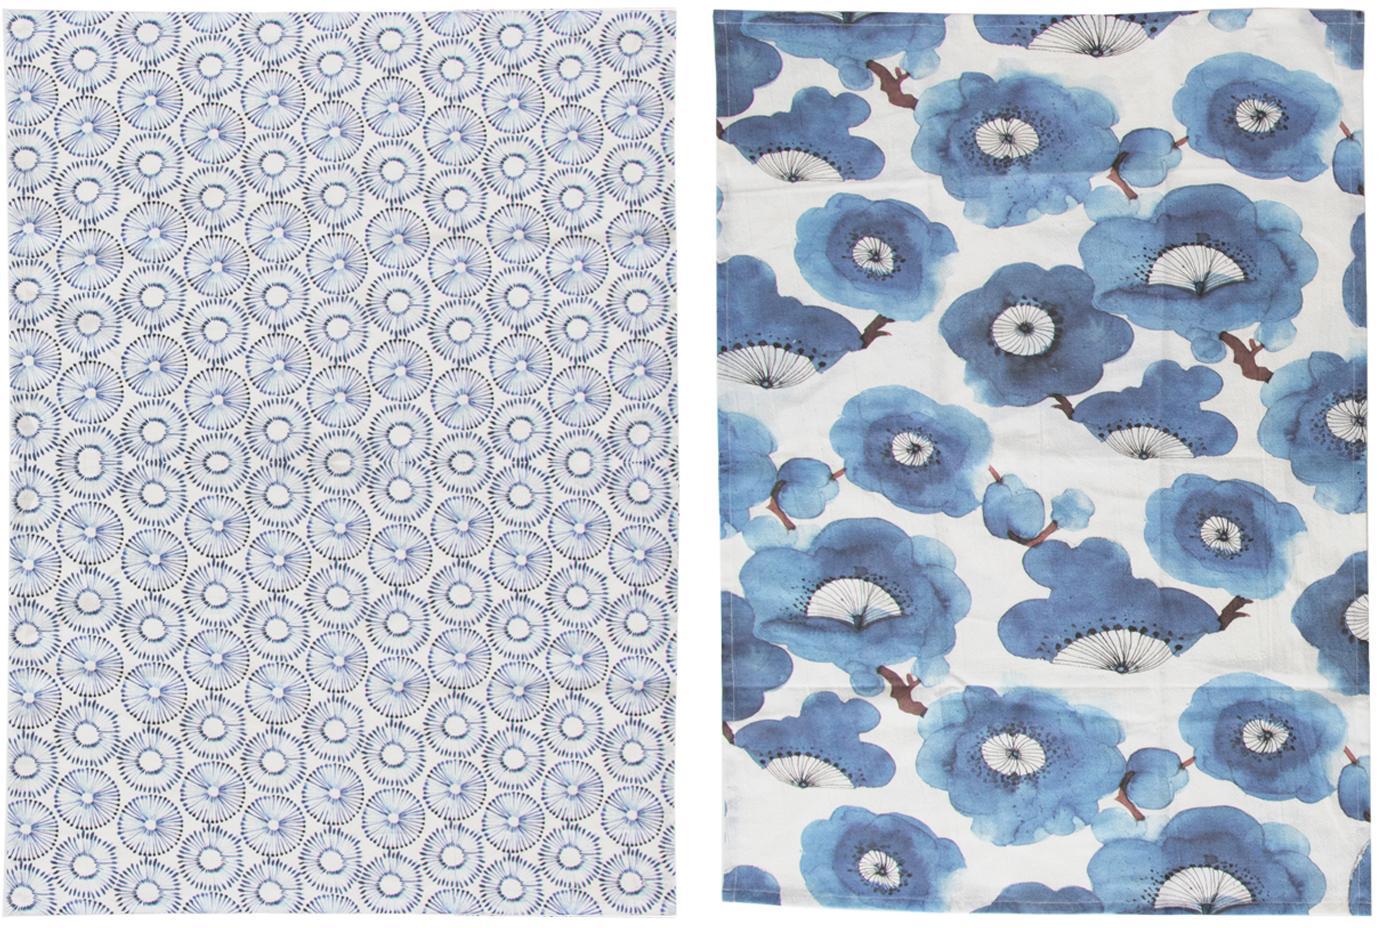 Geschirrtücher-Set Dandelion, 2-tlg., Baumwolle, Weiss, Blau, 50 x 70 cm